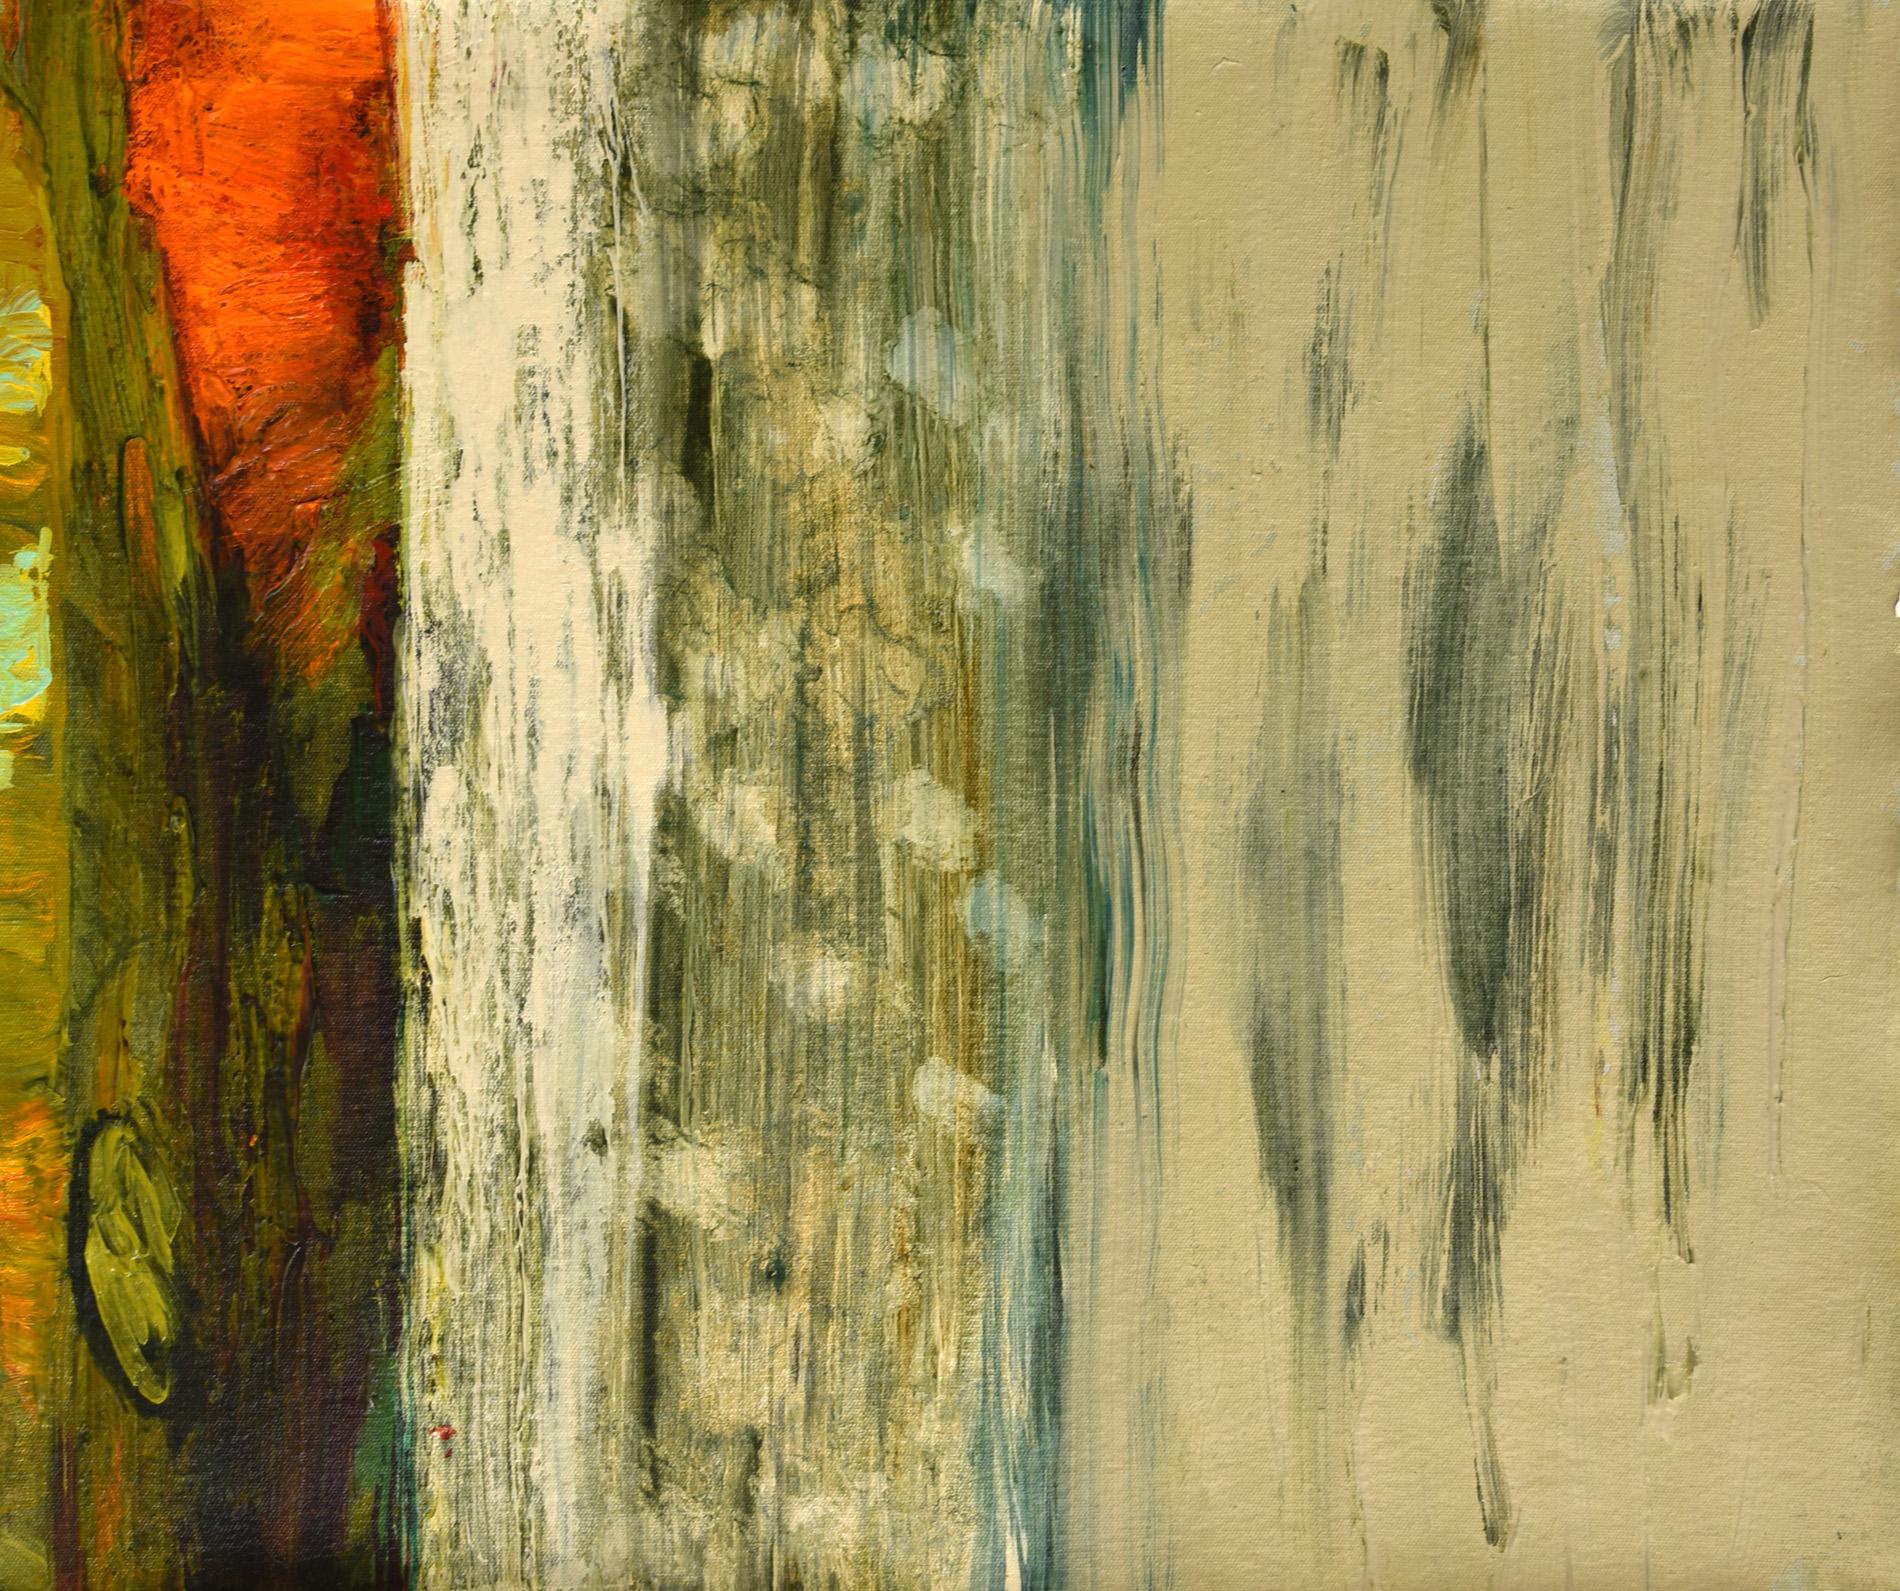 Fine art benefit auction on Saturday in Manhattan Beach